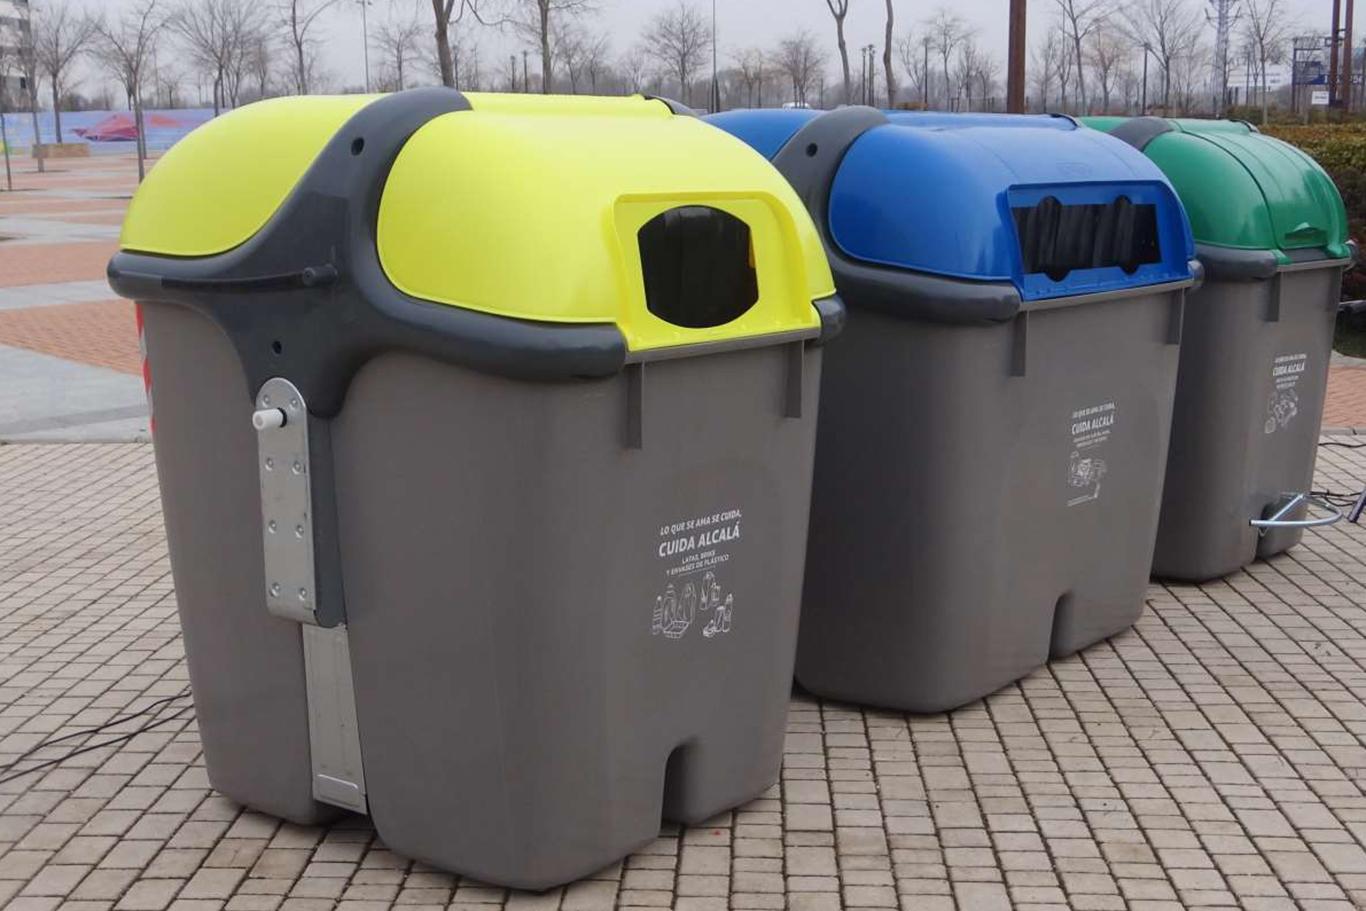 Nuevos contenedores de basura para las calles de alcal de henares dream alcal - Contenedores de basura para reciclaje ...